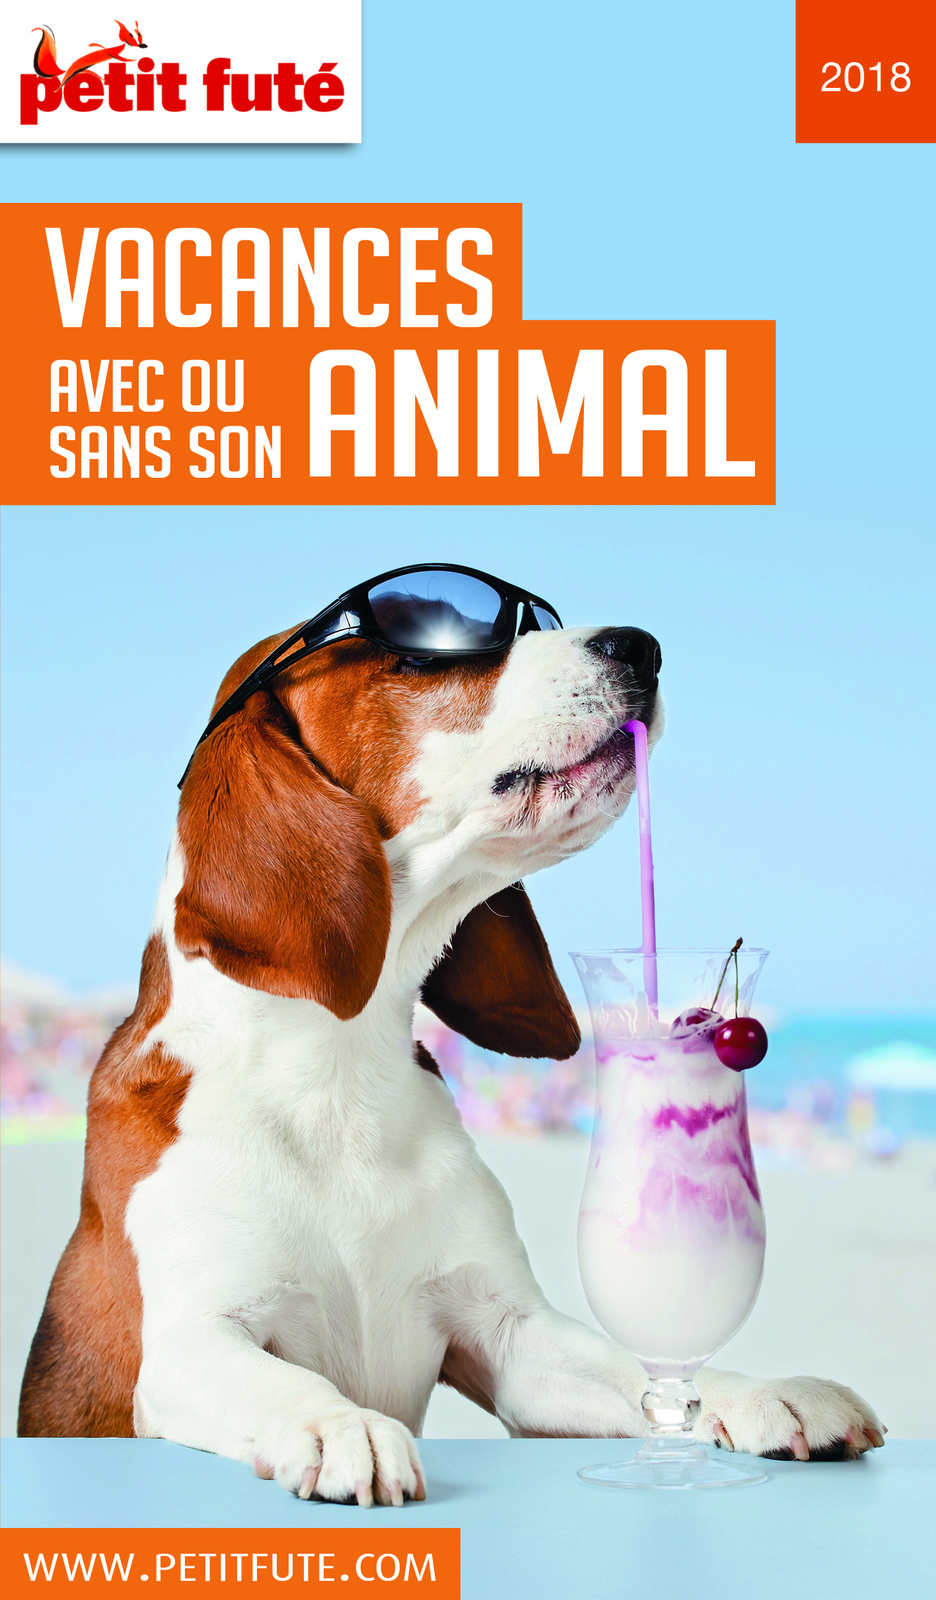 VACANCES AVEC OU SANS SON ANIMAL 2018 Petit Futé | Auzias, Dominique